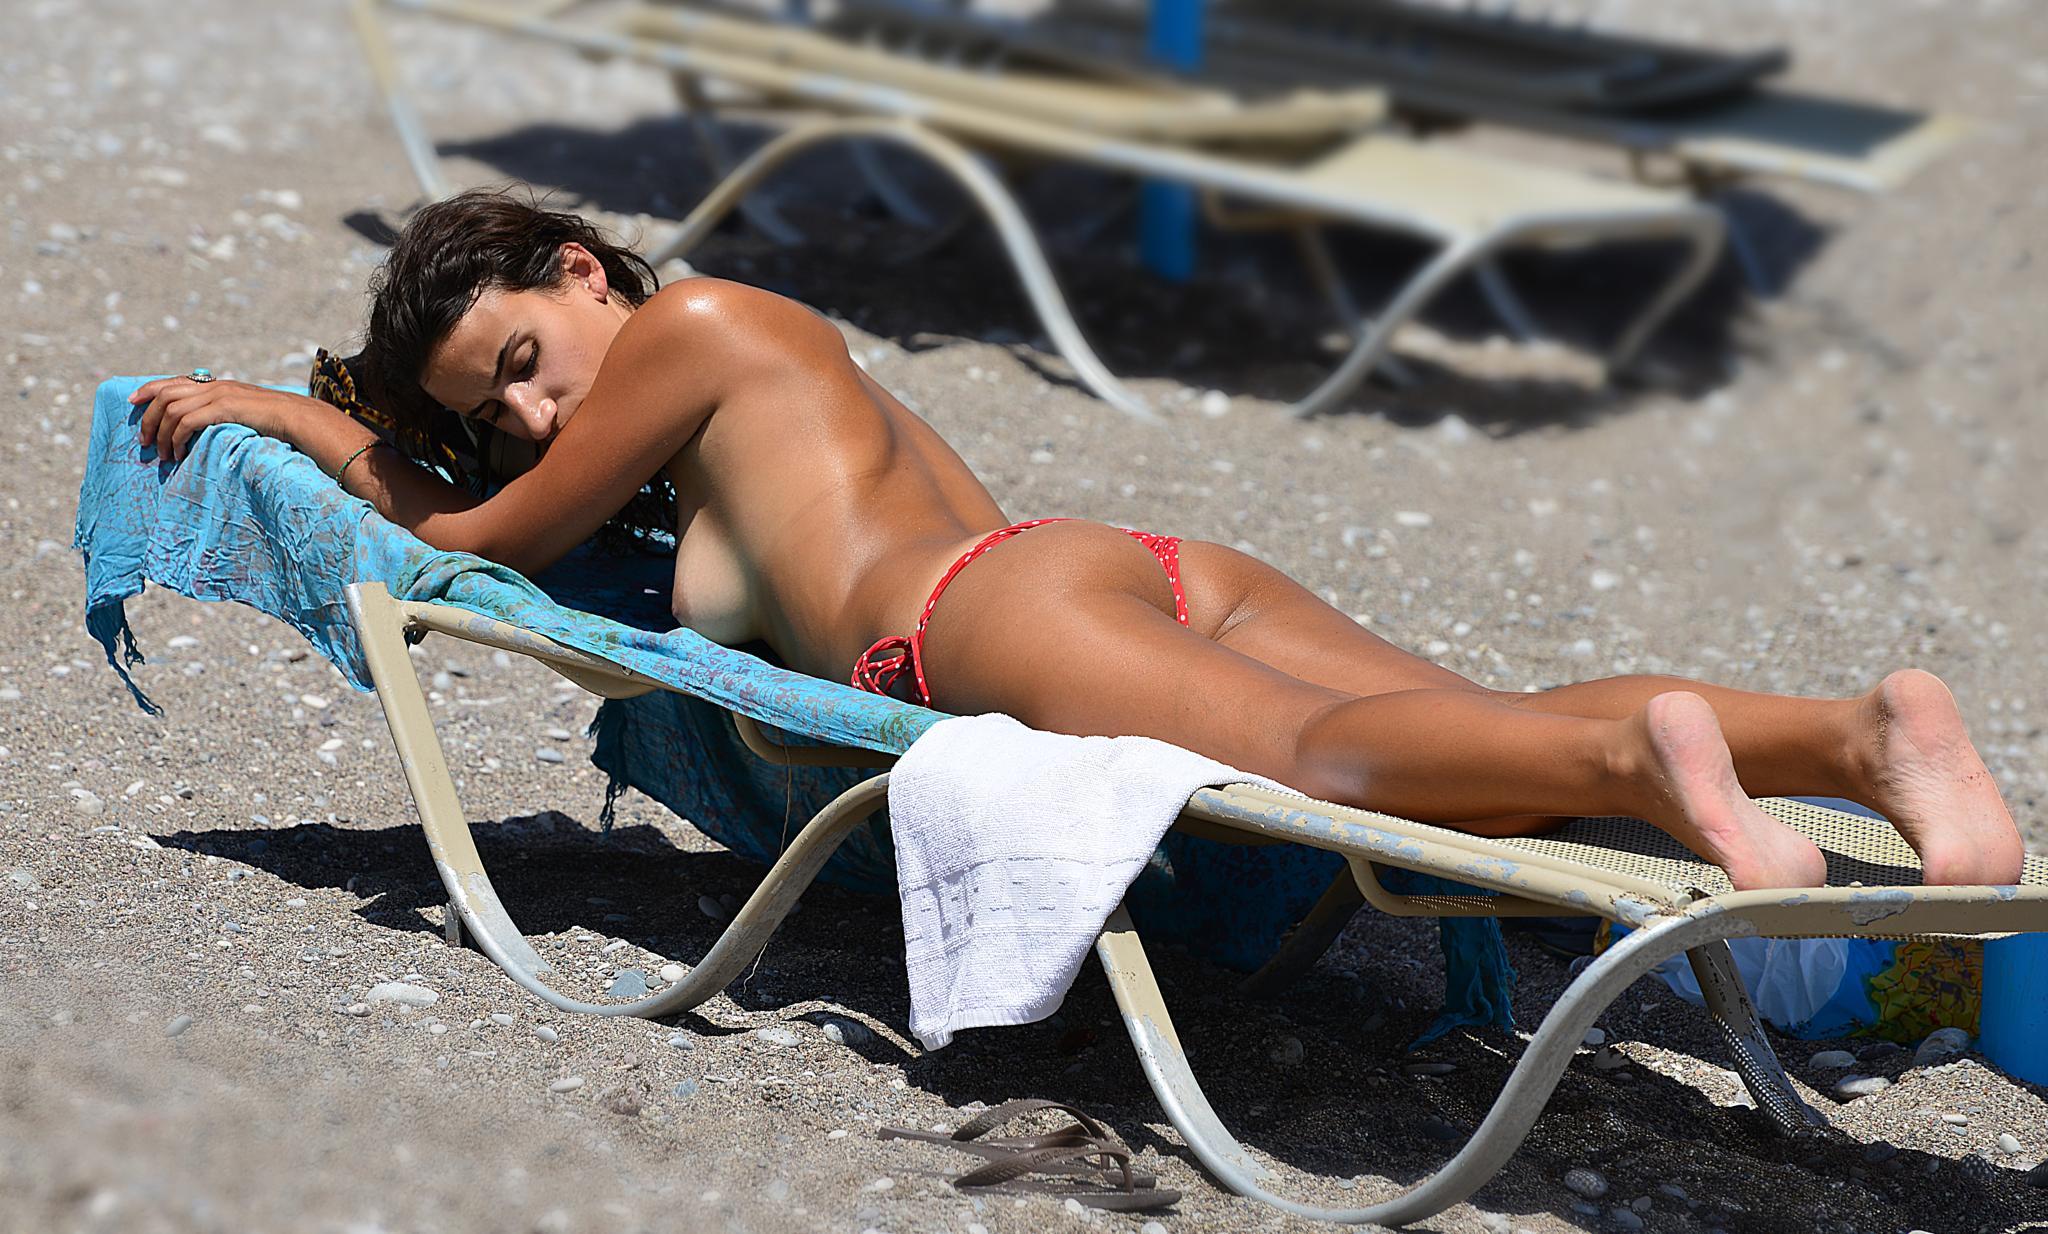 On Greece Beach by Motti Shonak